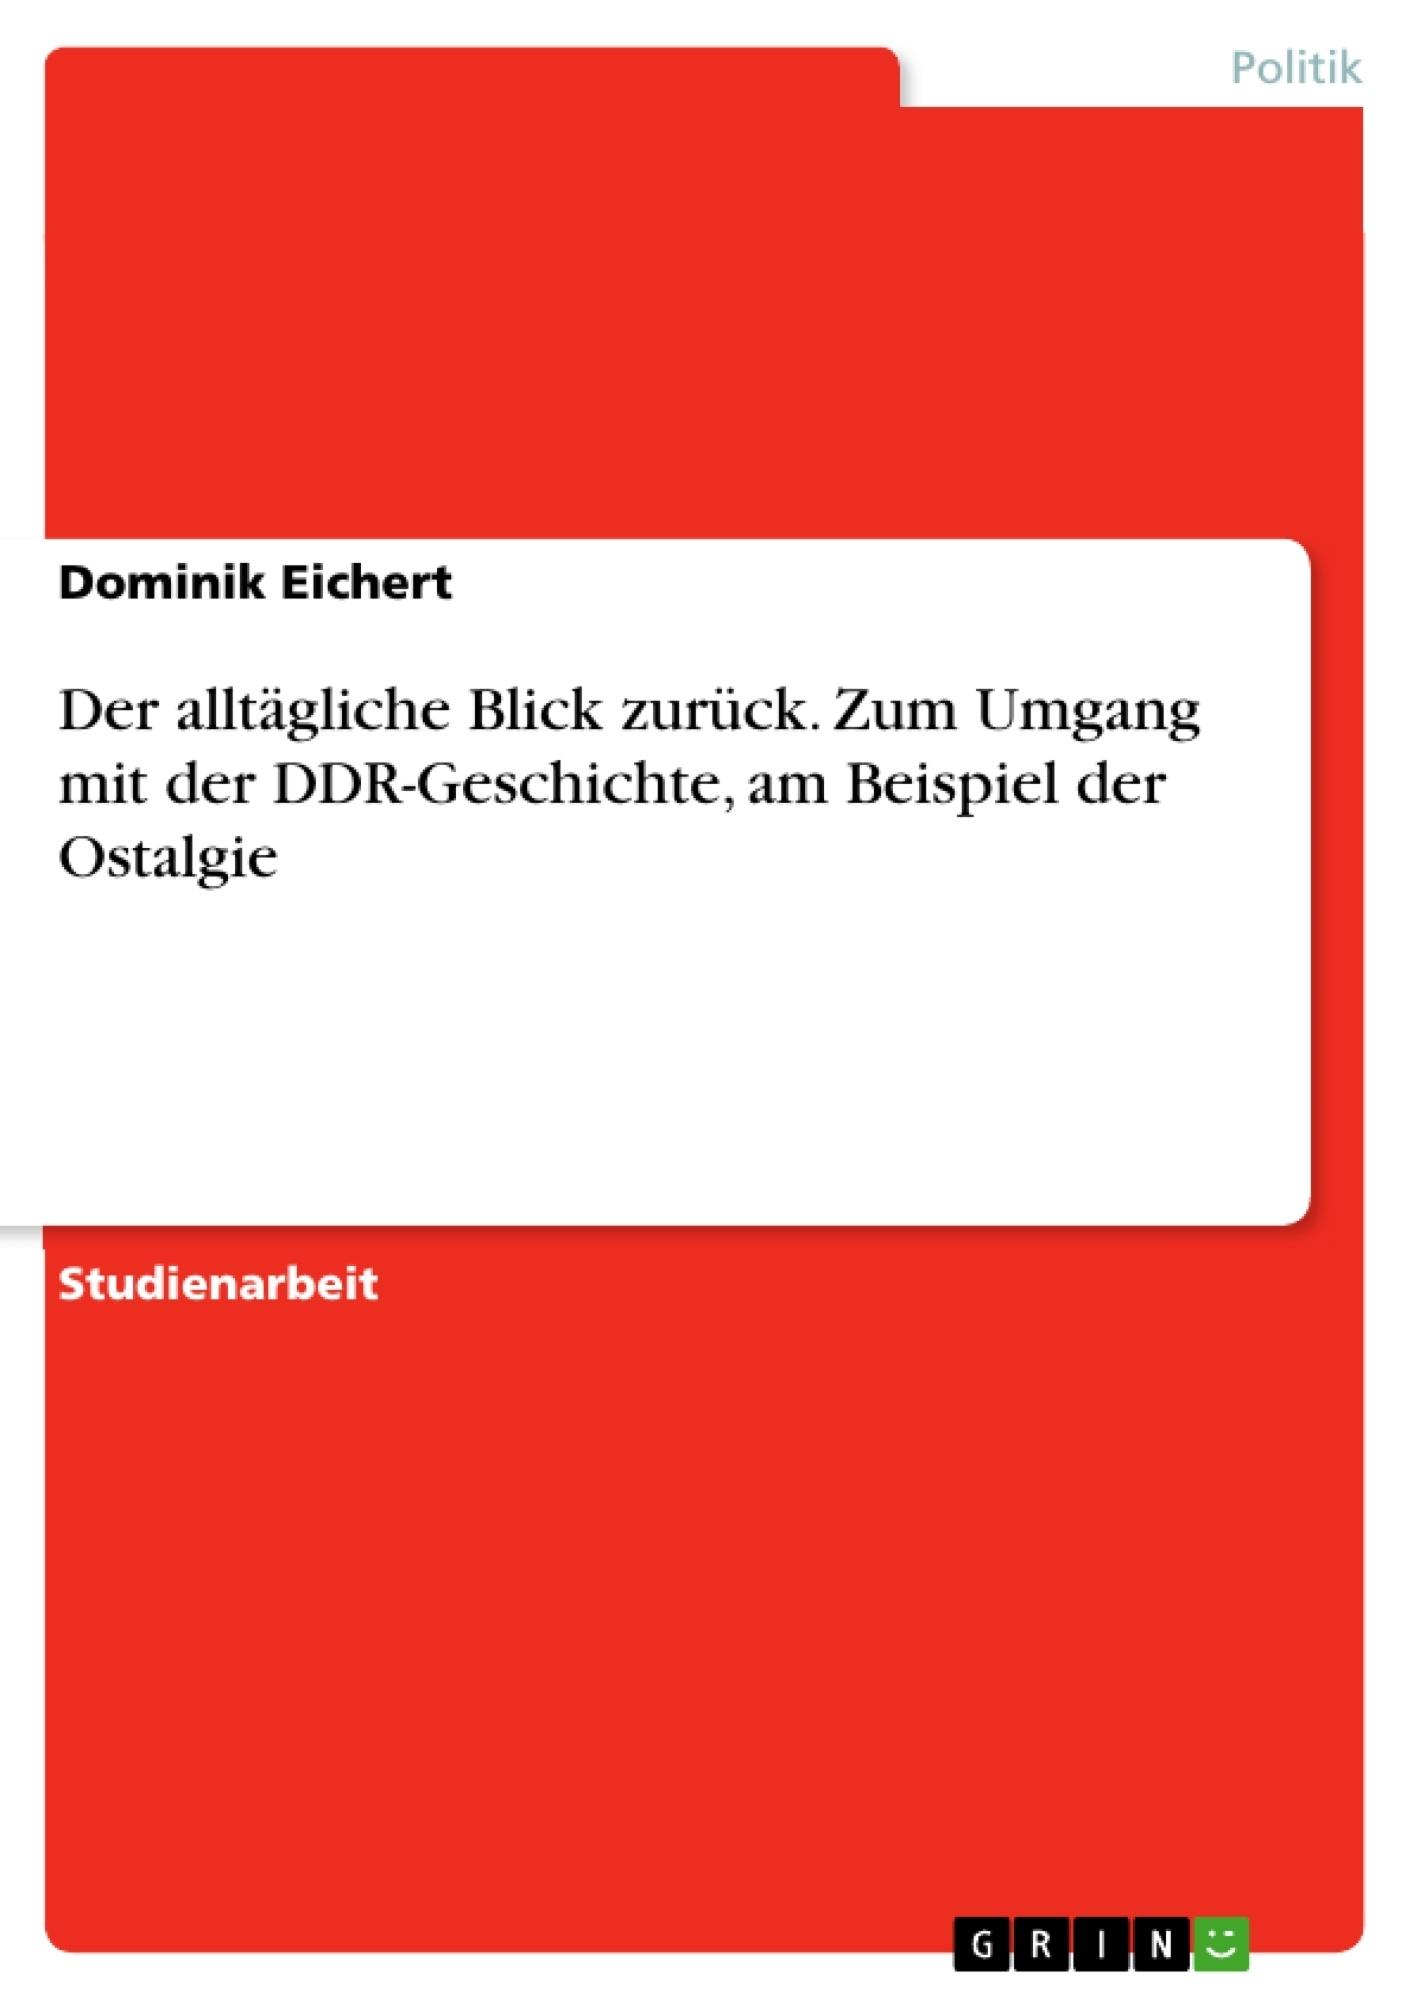 Titel: Der alltägliche Blick zurück. Zum Umgang mit der DDR-Geschichte, am Beispiel der Ostalgie